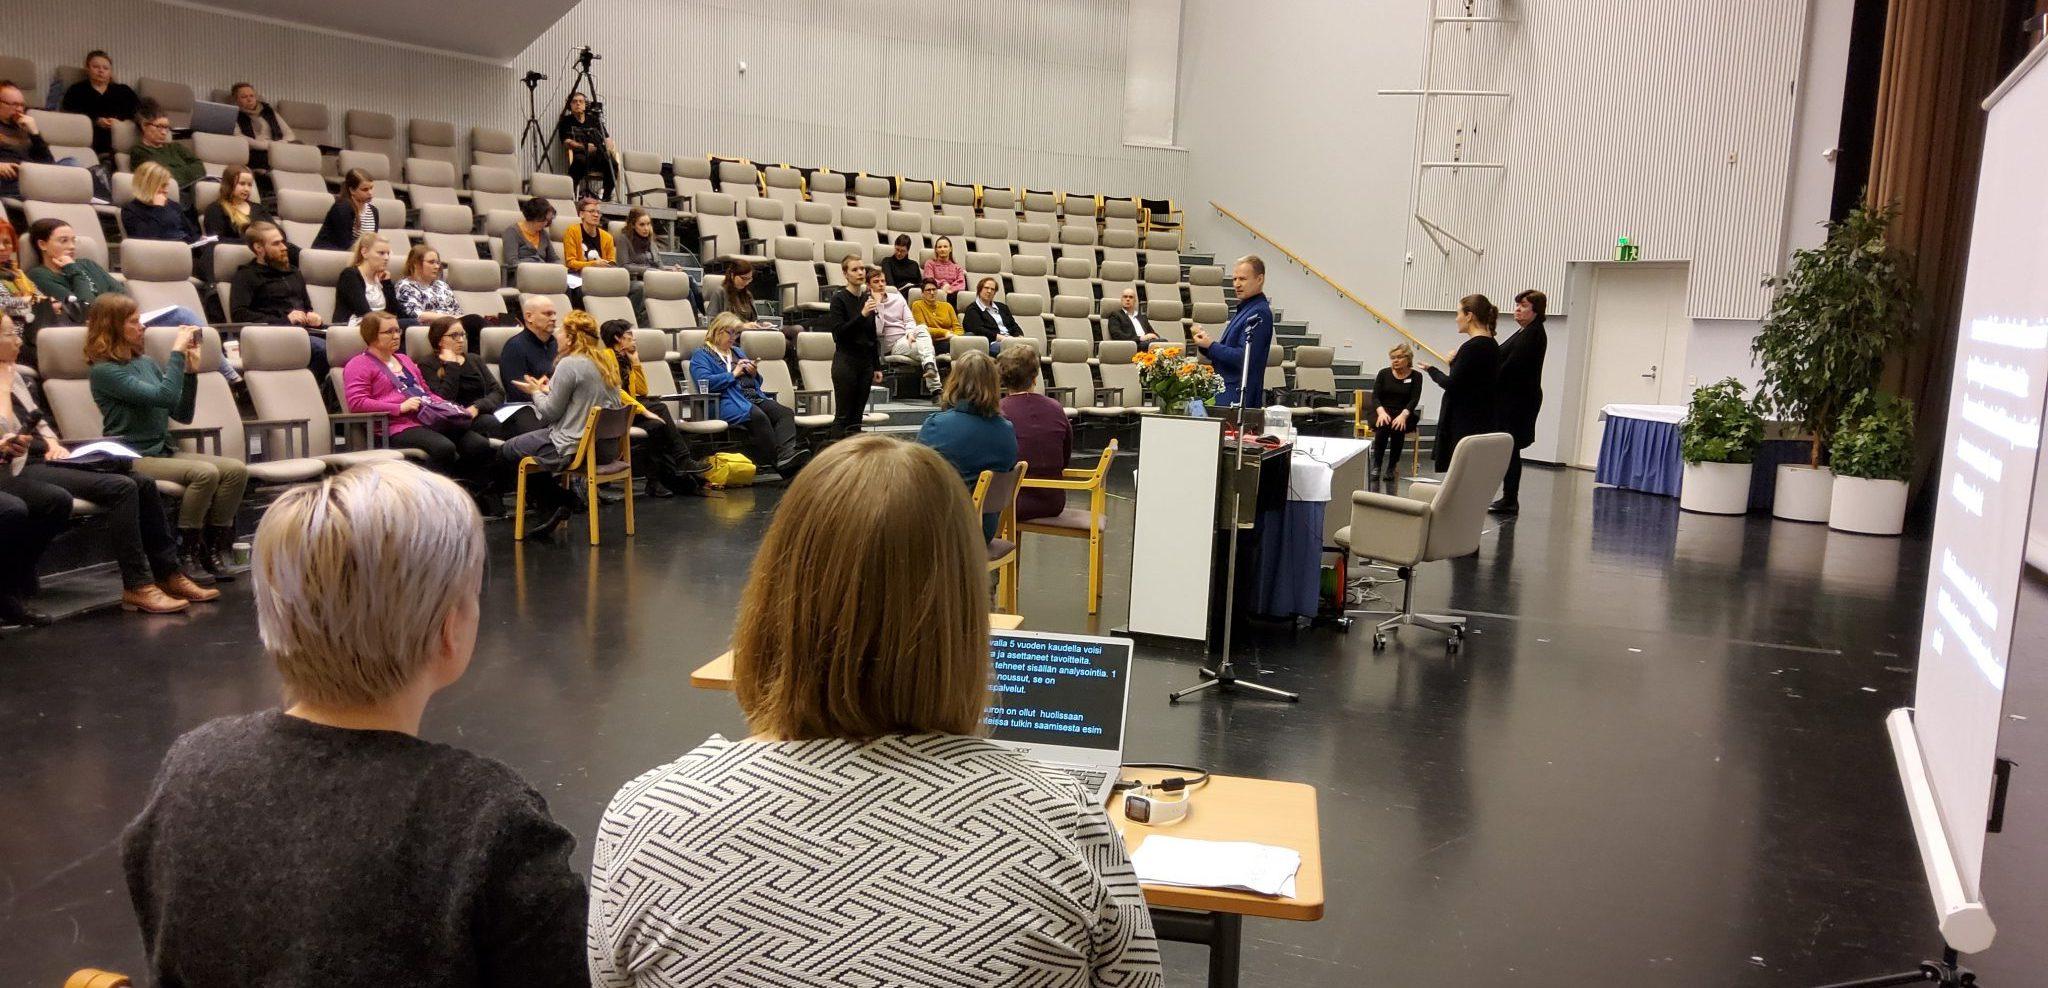 Kirjoitustulkit työssään Haagassa tulkkausalan seminaarissa.